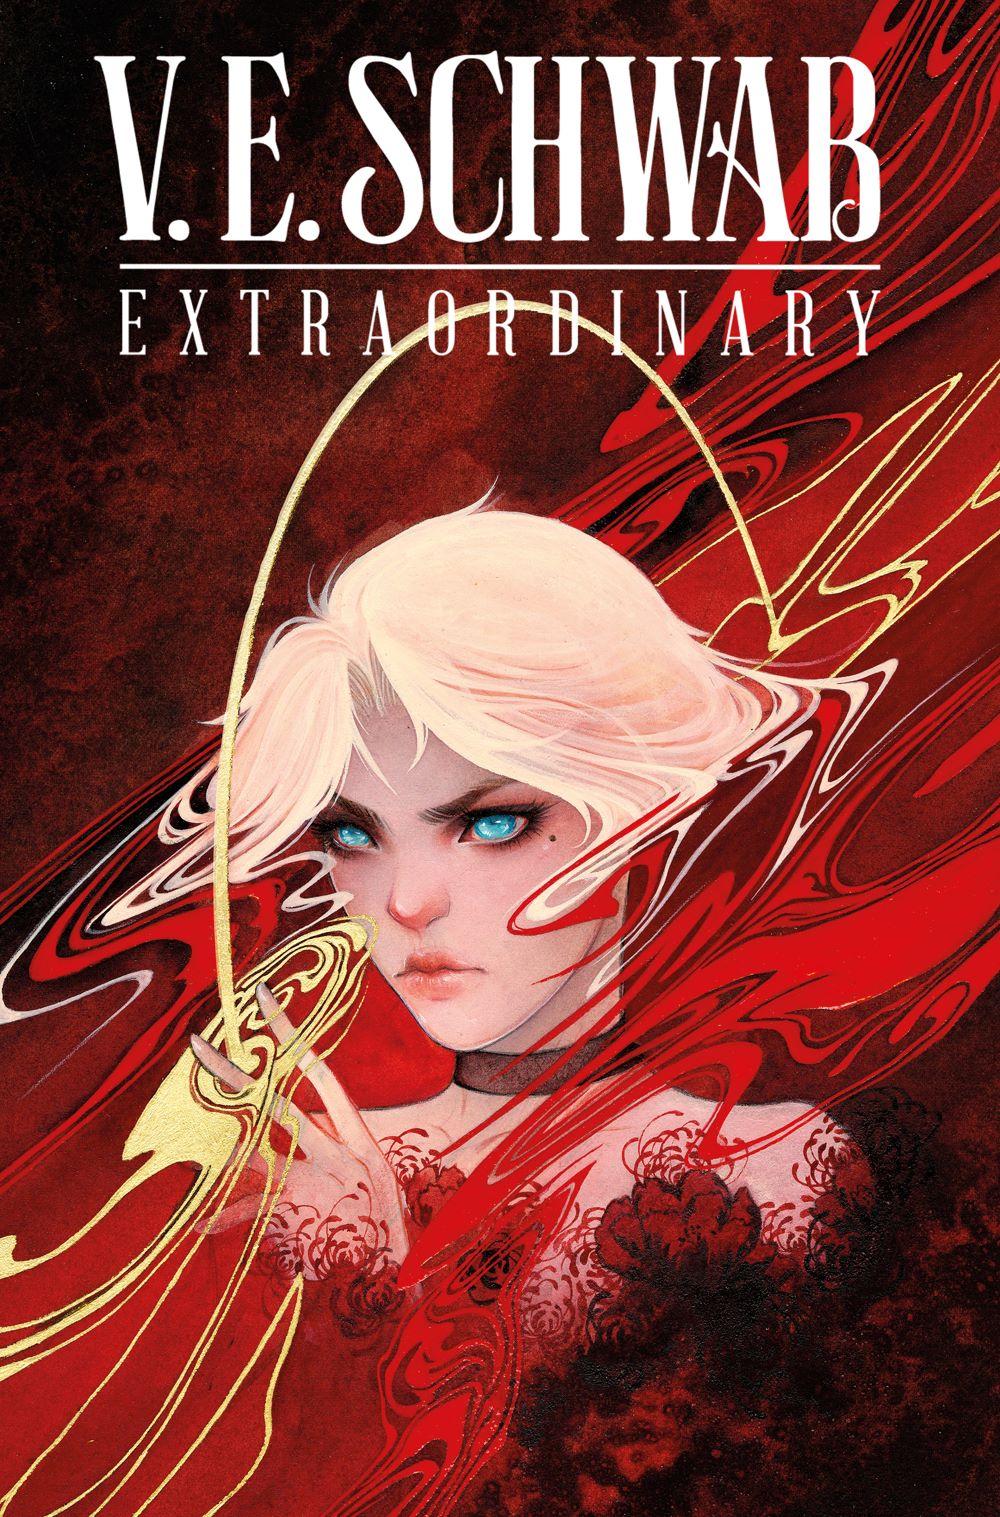 EXTRAORDINARY-2A-NEN-CHANG Titan Comics July 2021 Solicitations